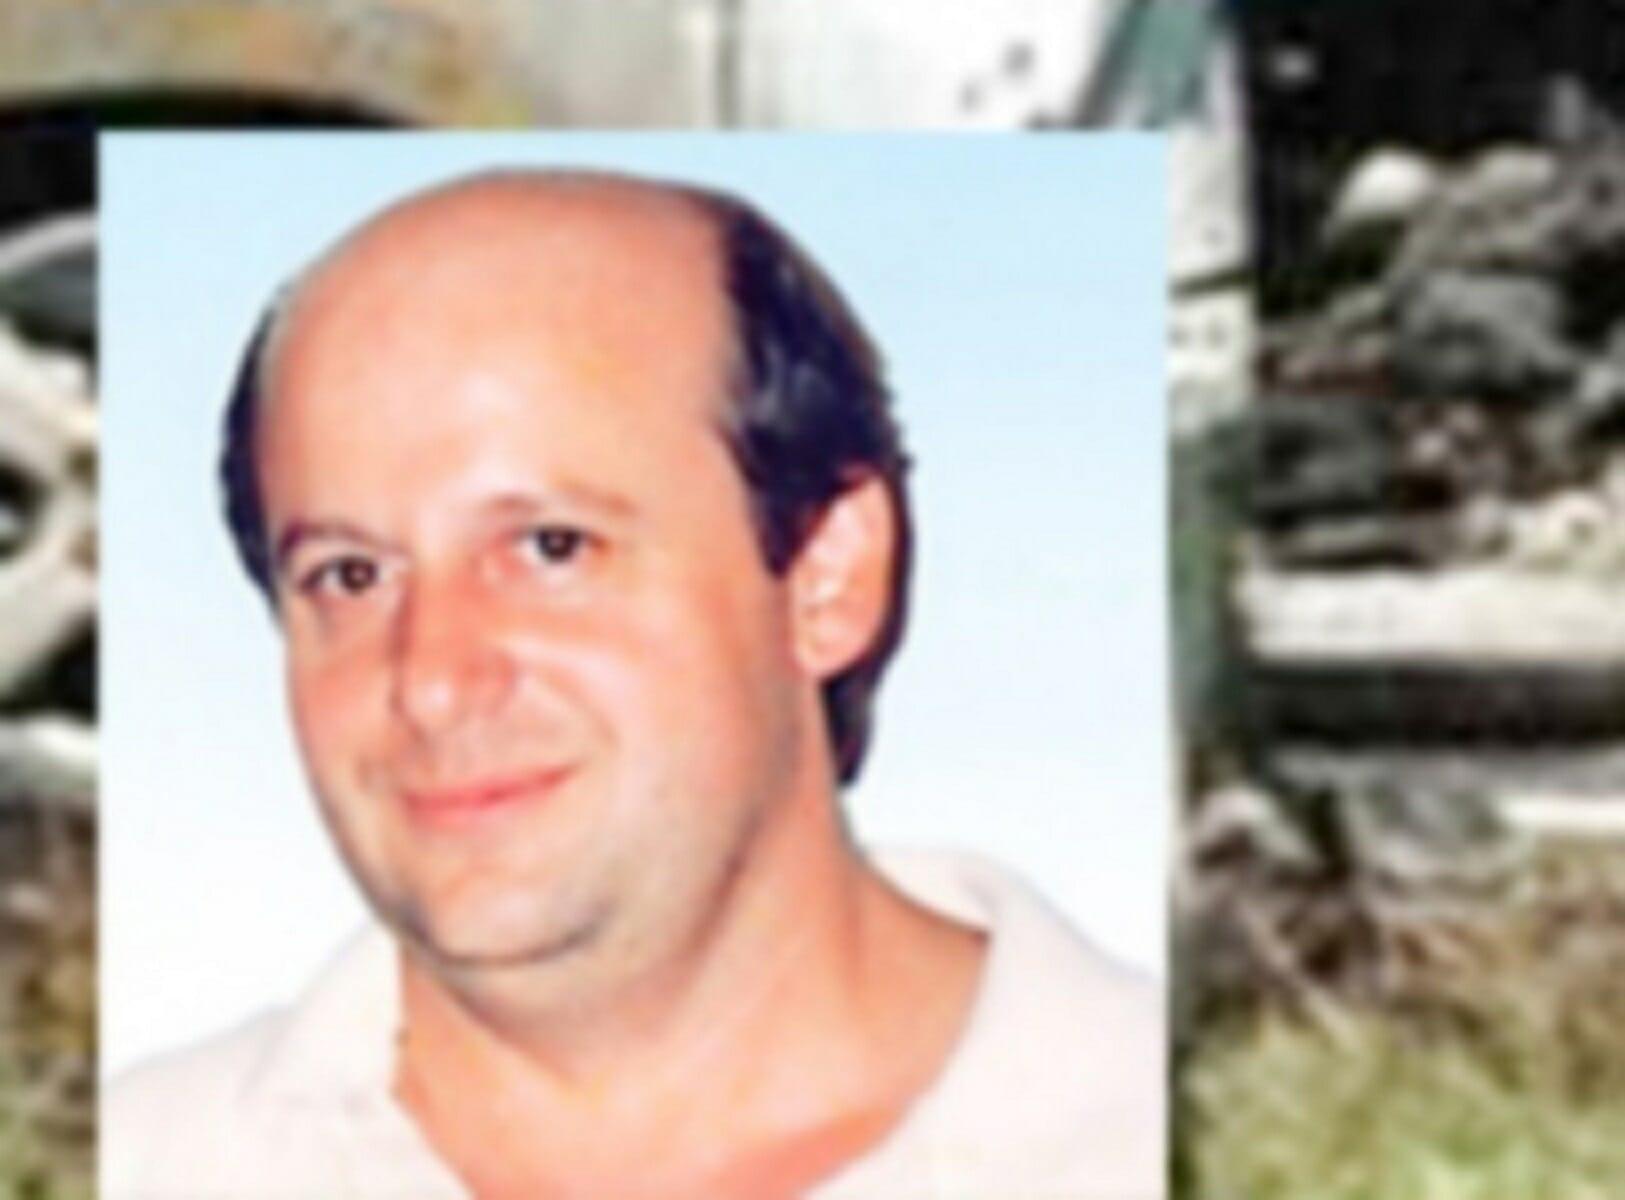 Το Μικτό Ορκωτό Δικαστήριο Μεσολογγίου αθώωσε τη χήρα του δασκάλου από το Αγρίνιο, Νίκου Μέντζου, η οποία κατηγορούταν για την δολοφονία του συζύγου της.